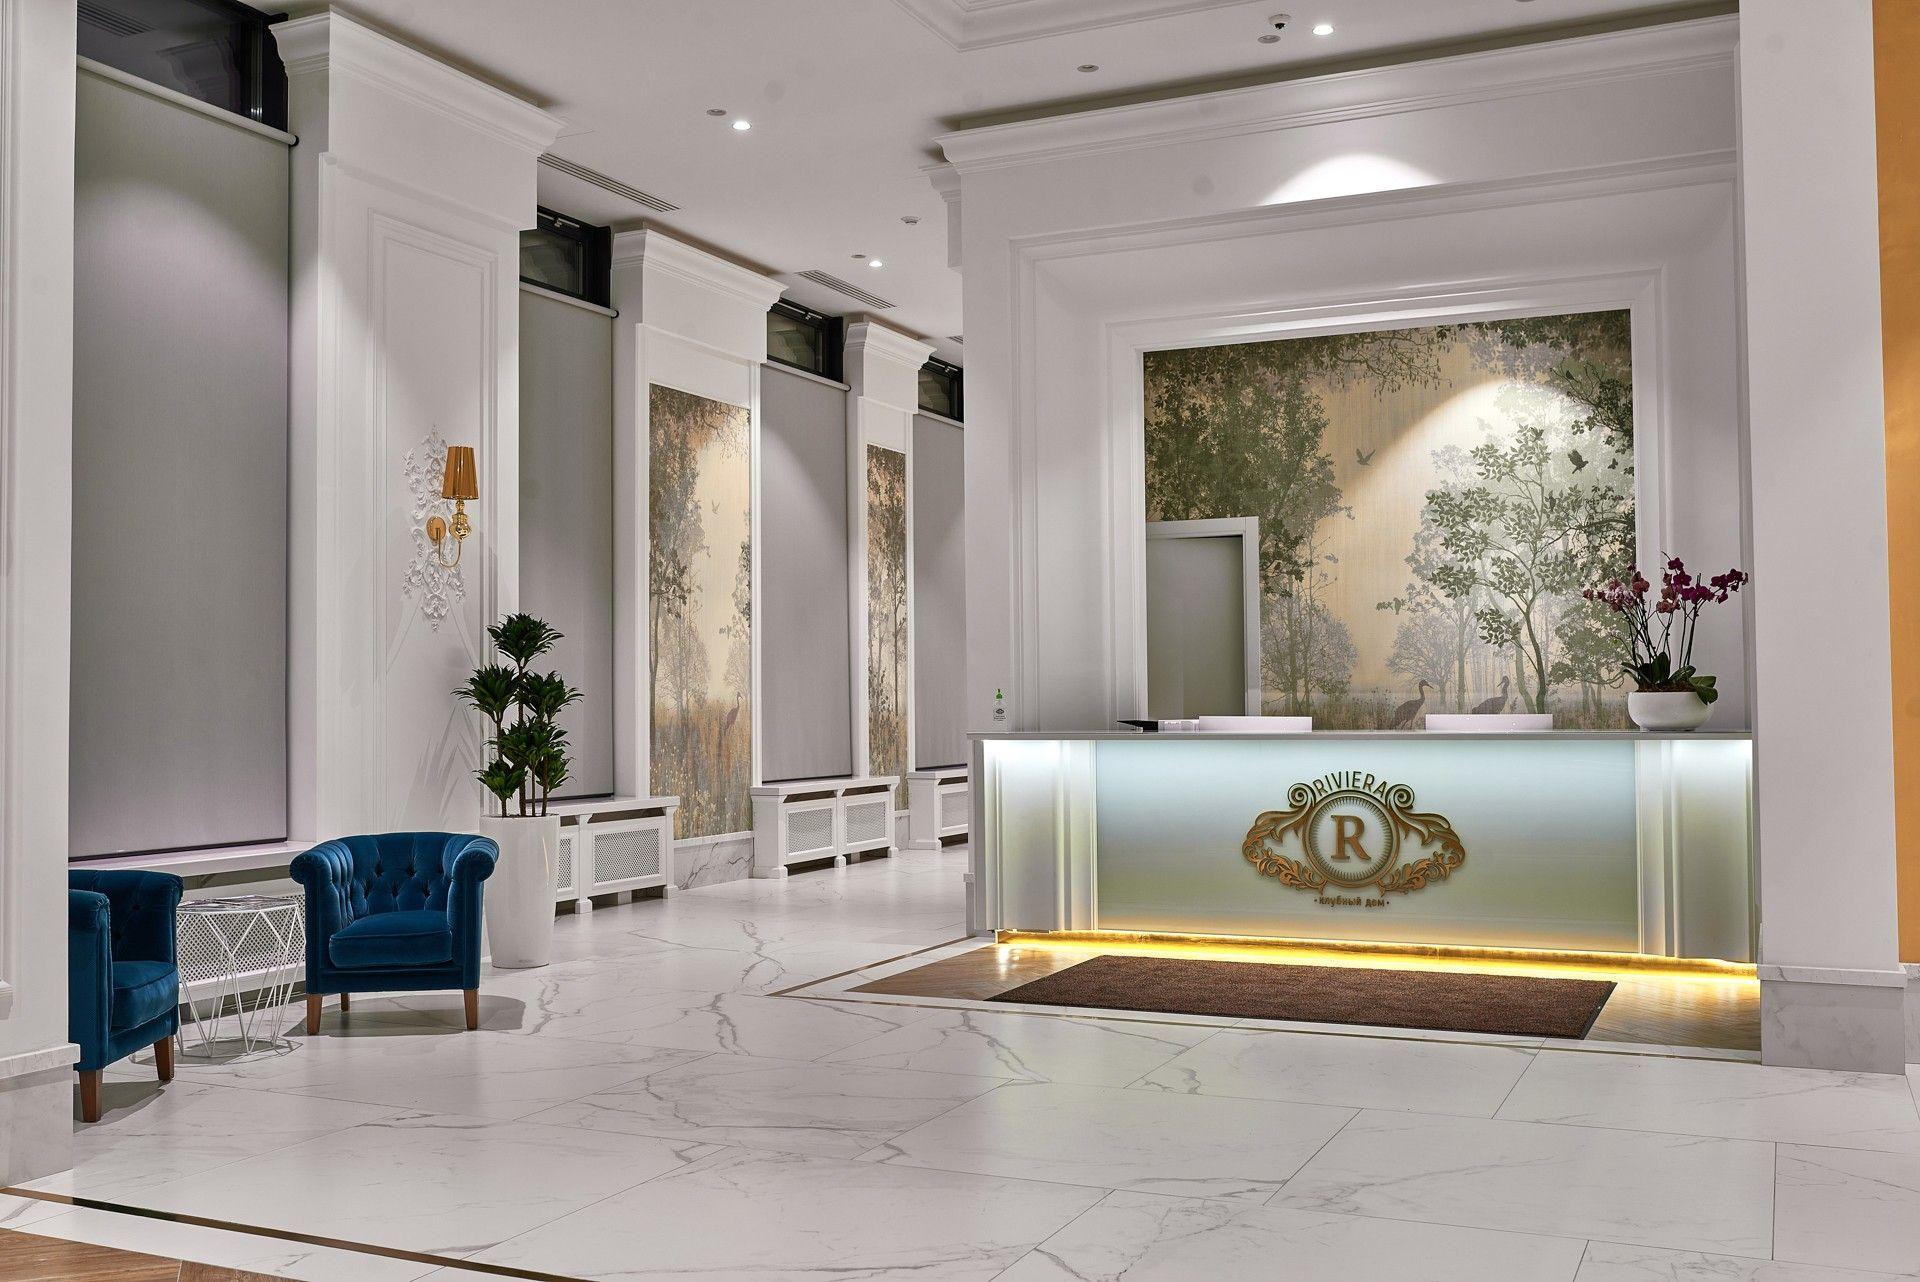 ЖК Клубный дом Riviera (Клубный дом Ривьера)